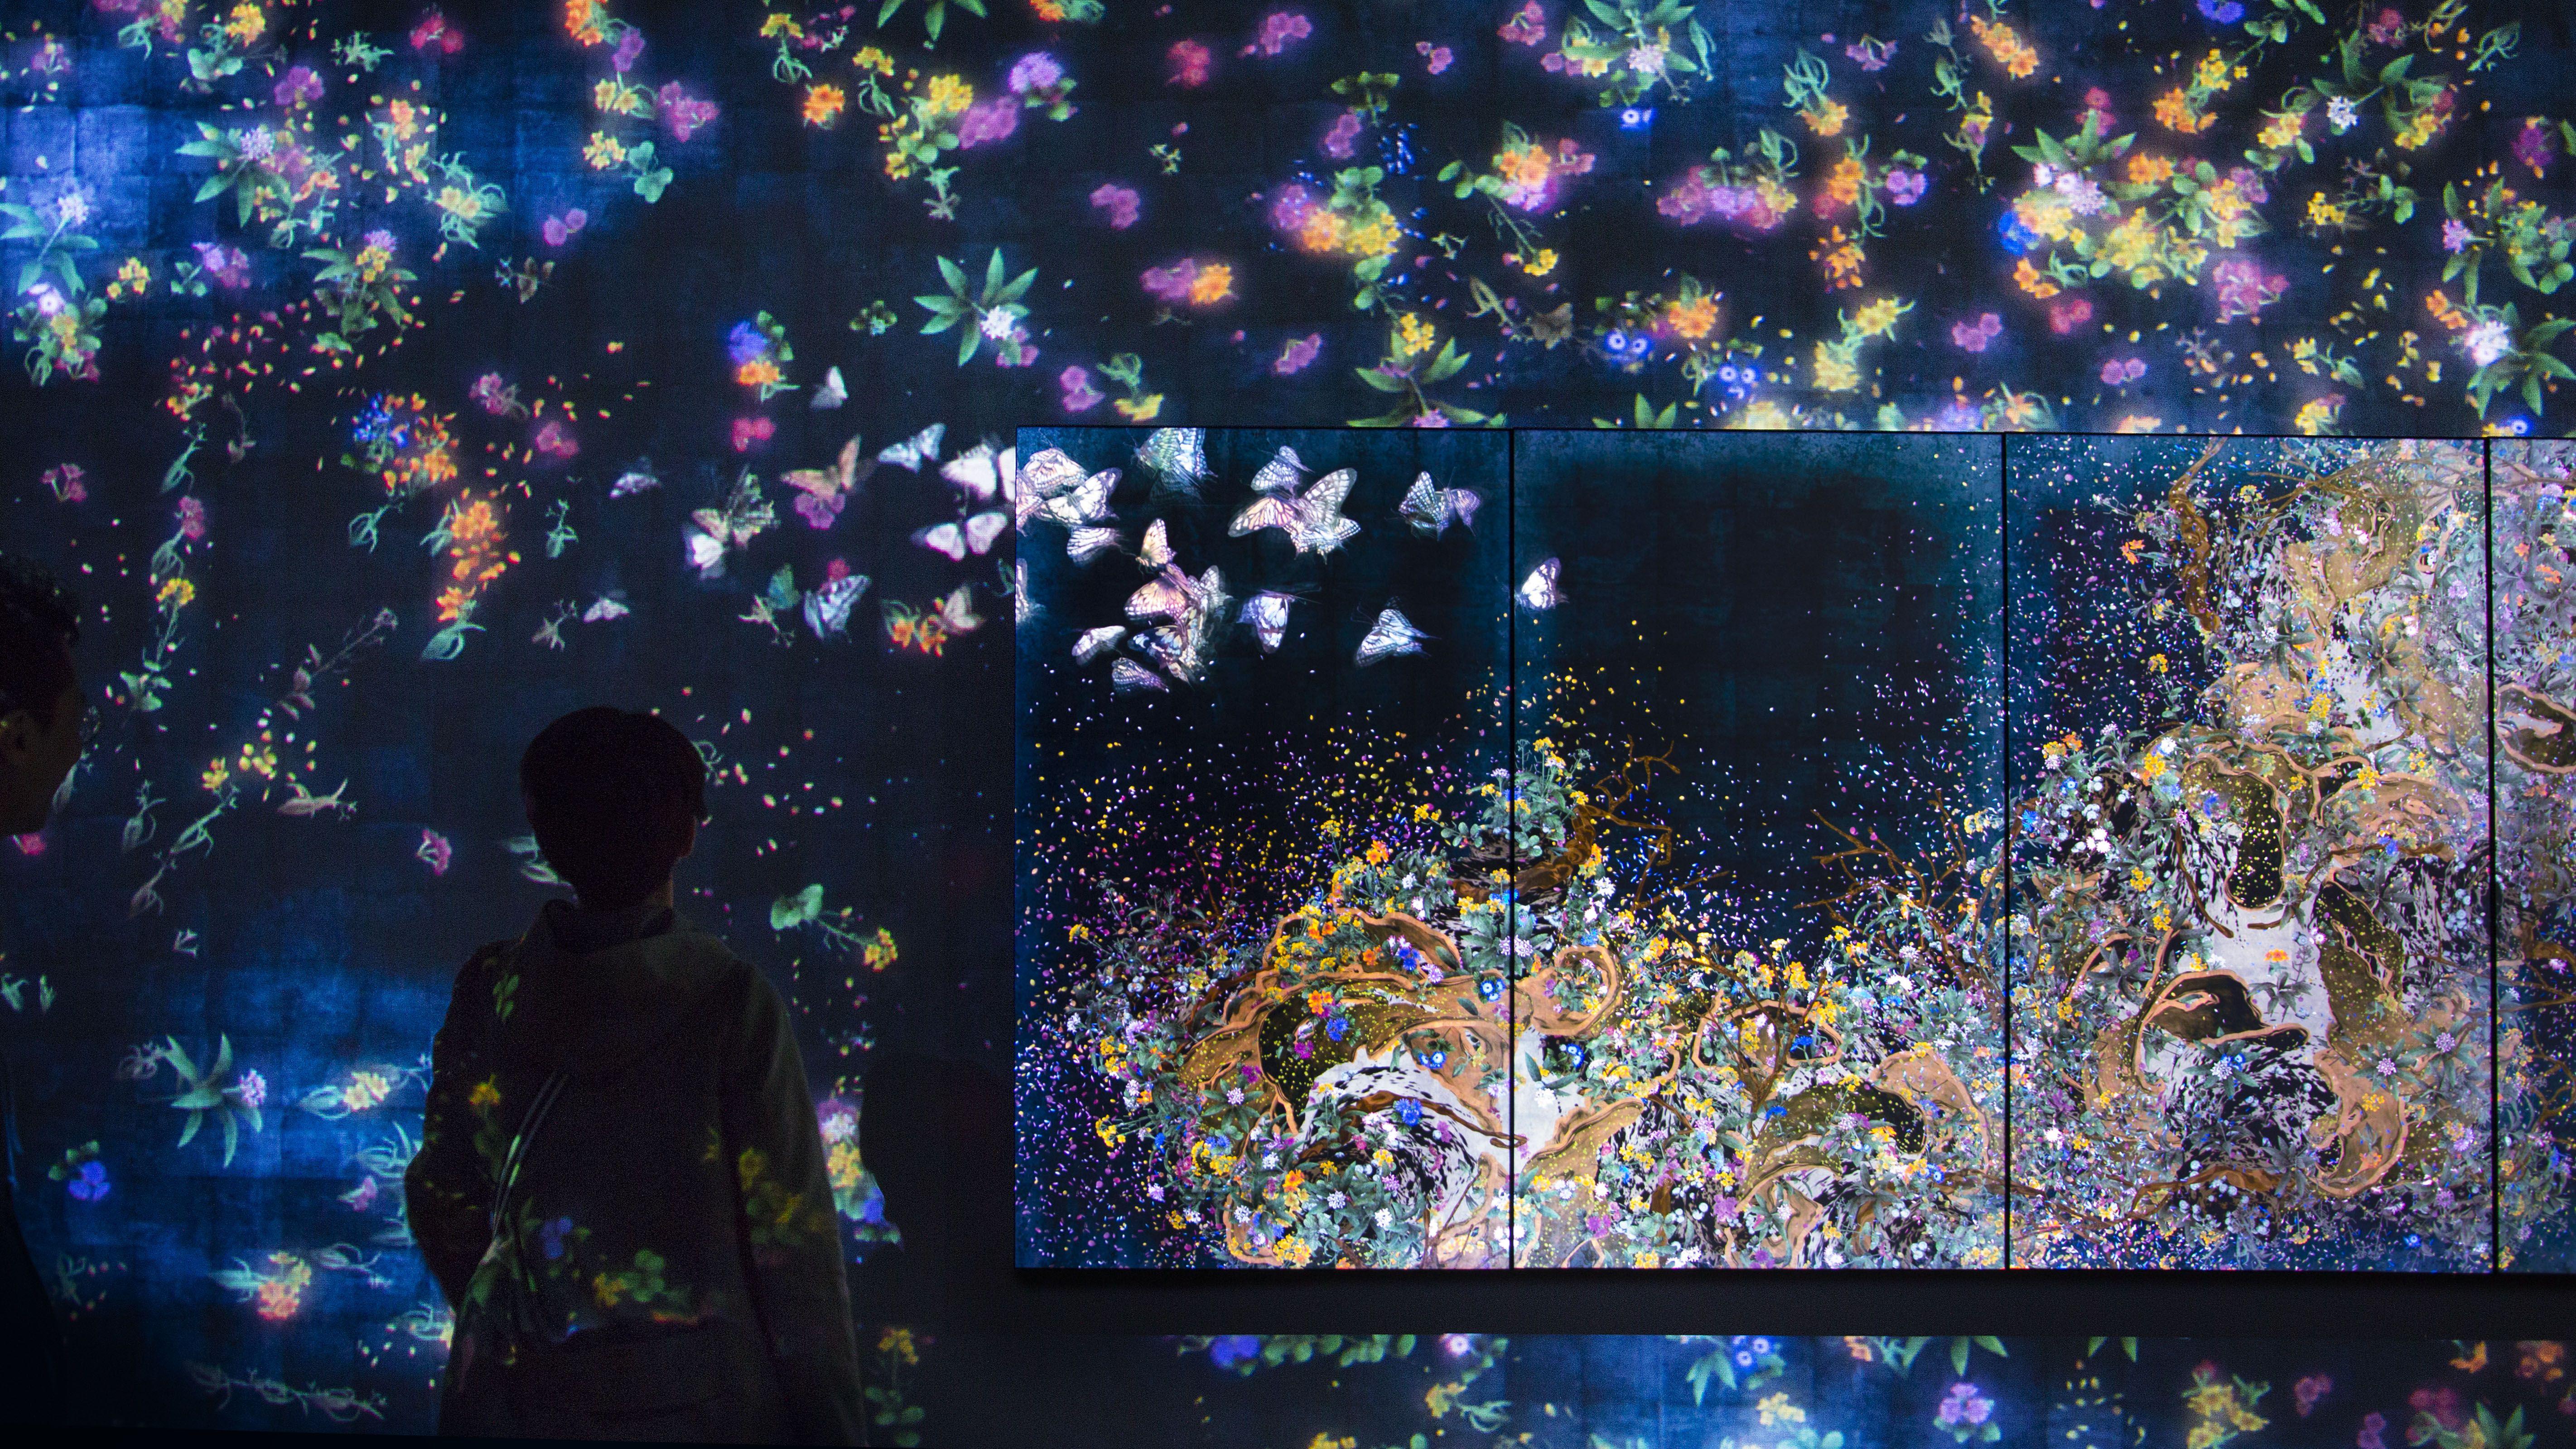 teamLab Brings 20,000 Square Feet of Digital Art to